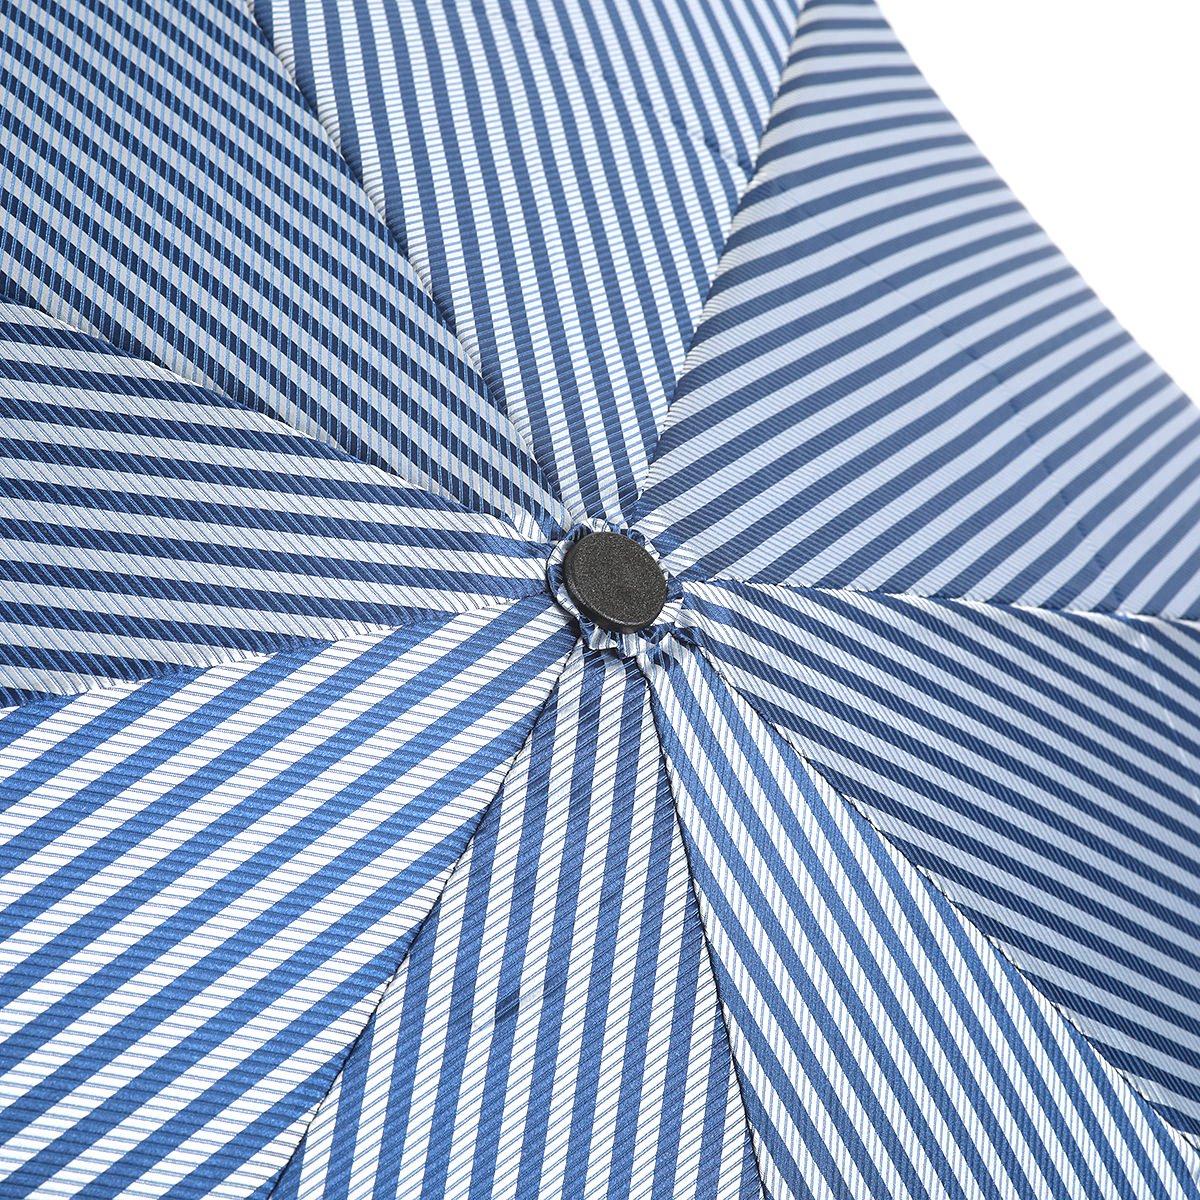 ロンドンストライプ 耐風骨 折りたたみ傘 詳細画像8